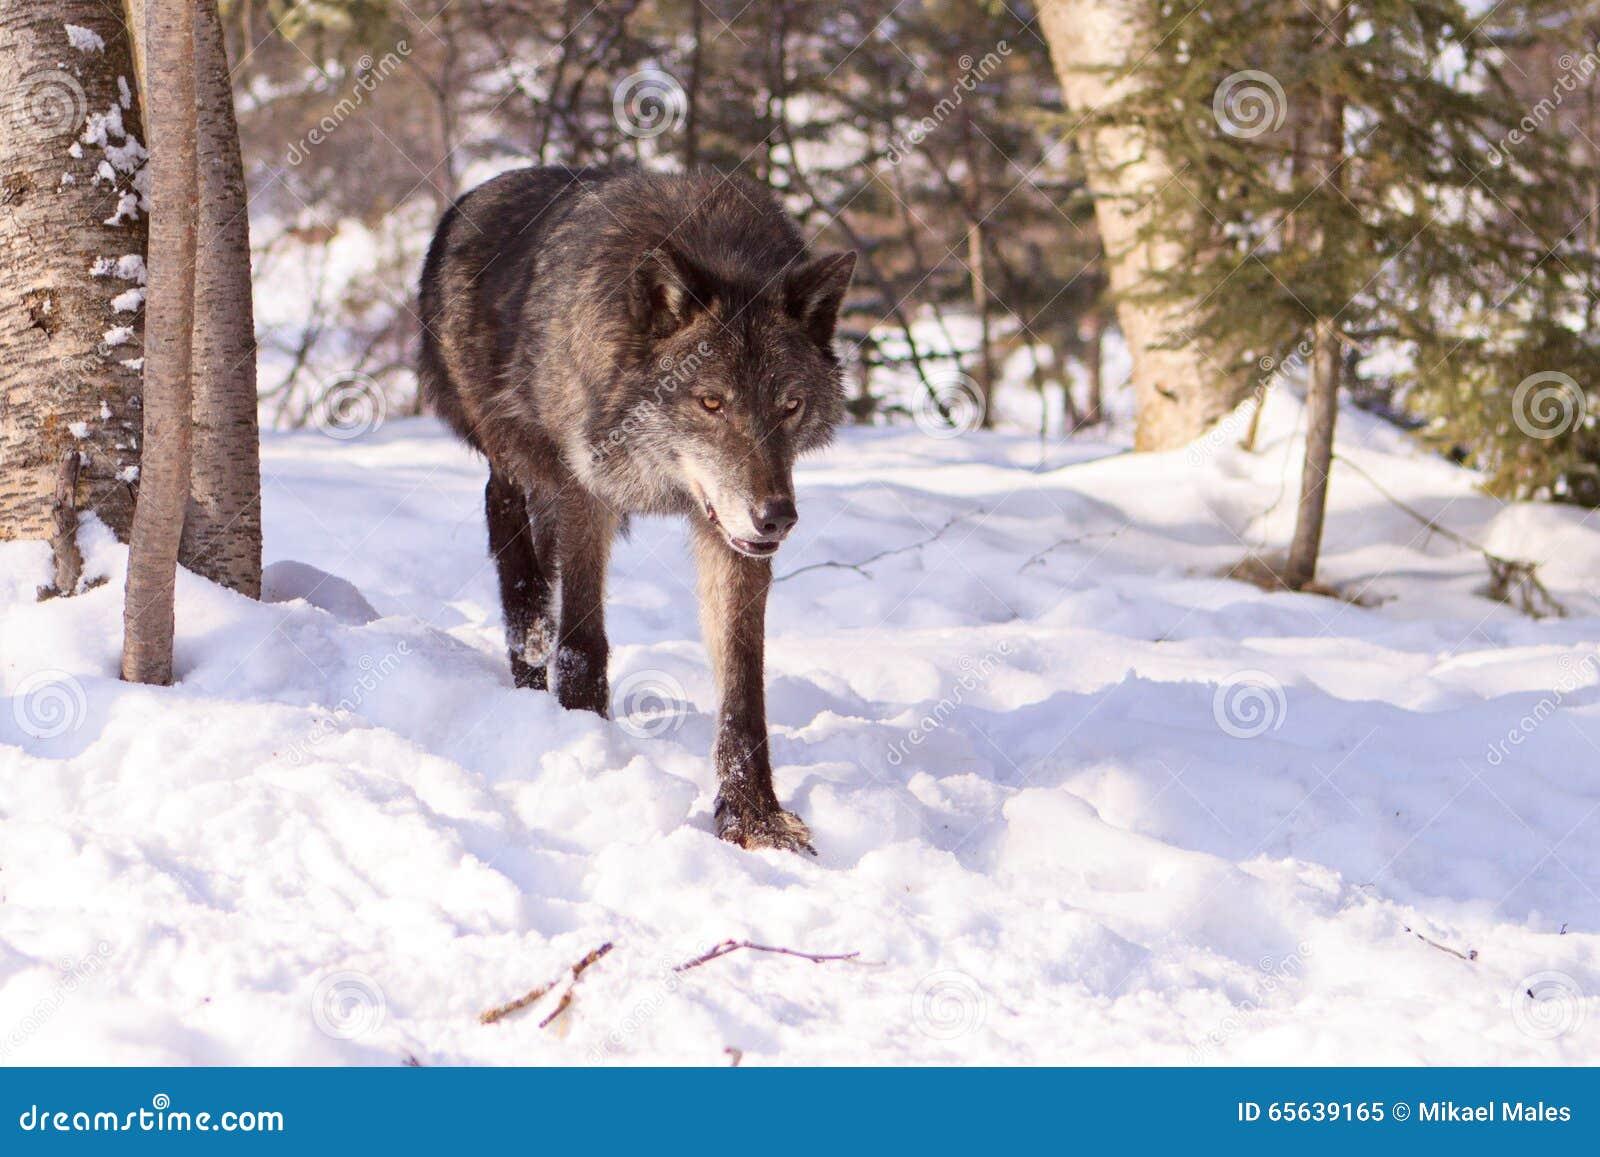 Loup de bois de construction noir sortant des arbres